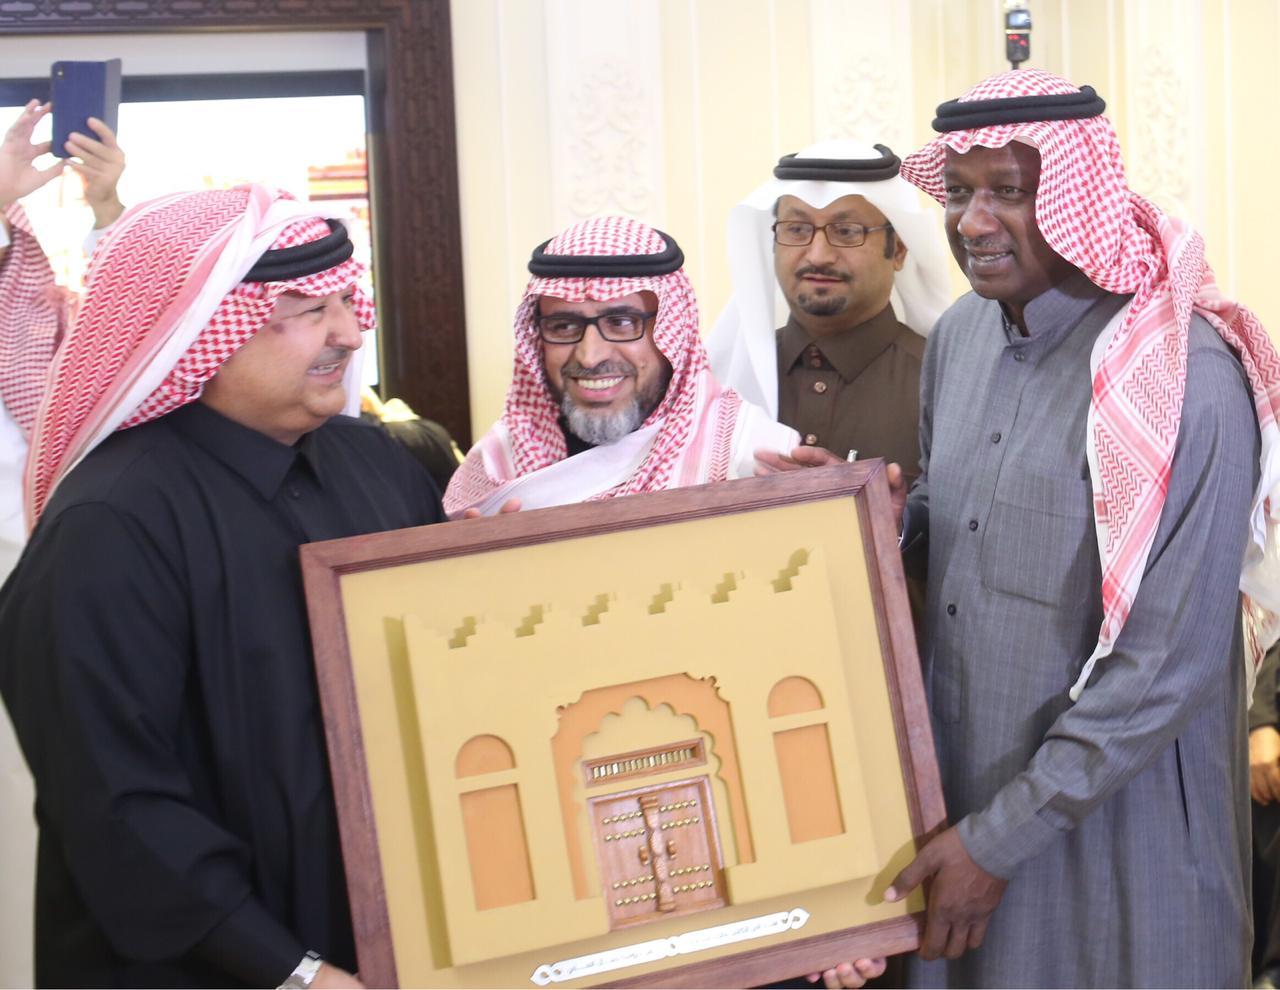 جمال العلي يحتفي بالكابتن ماجد عبدالله ويشيد بالجمعيات الخيرية الداعمه